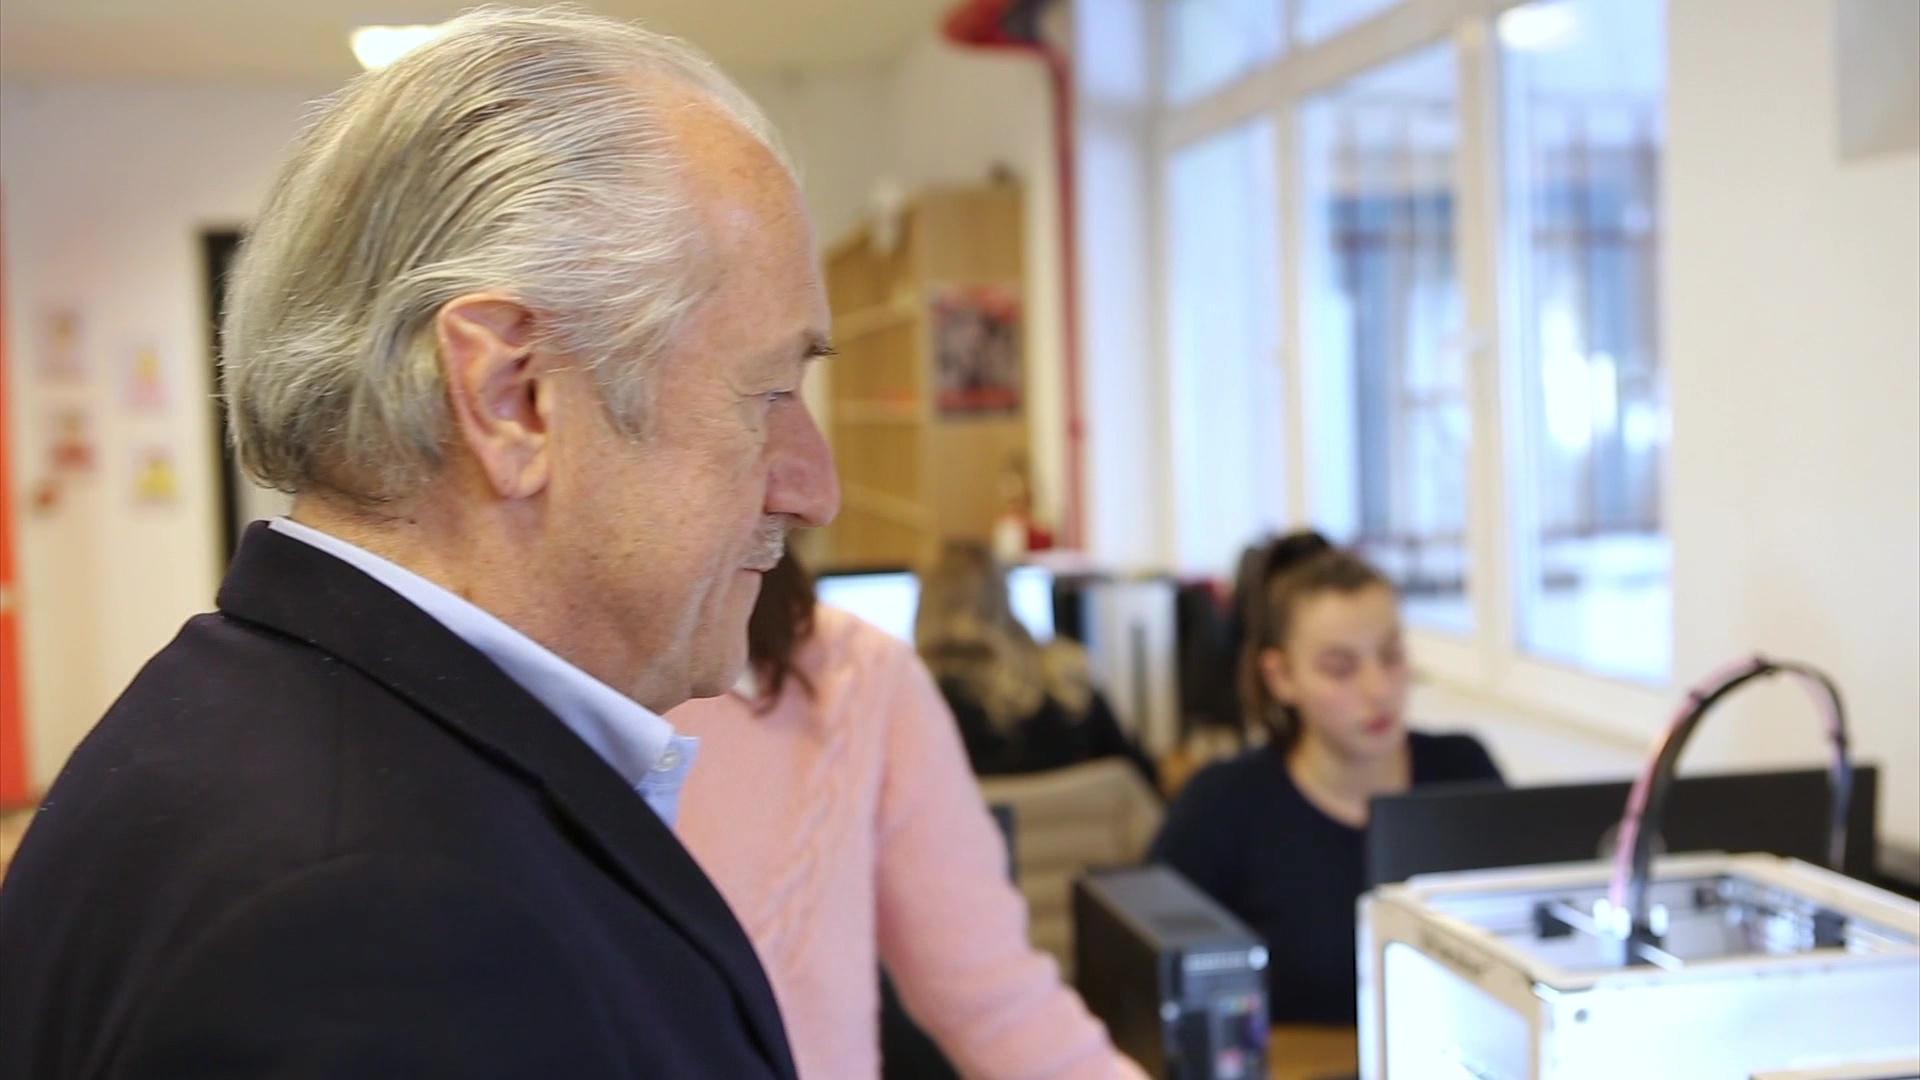 Reportazhi i ABC News në Kosovë, shqiptarët kthehen dhe hapin kompani të tyre